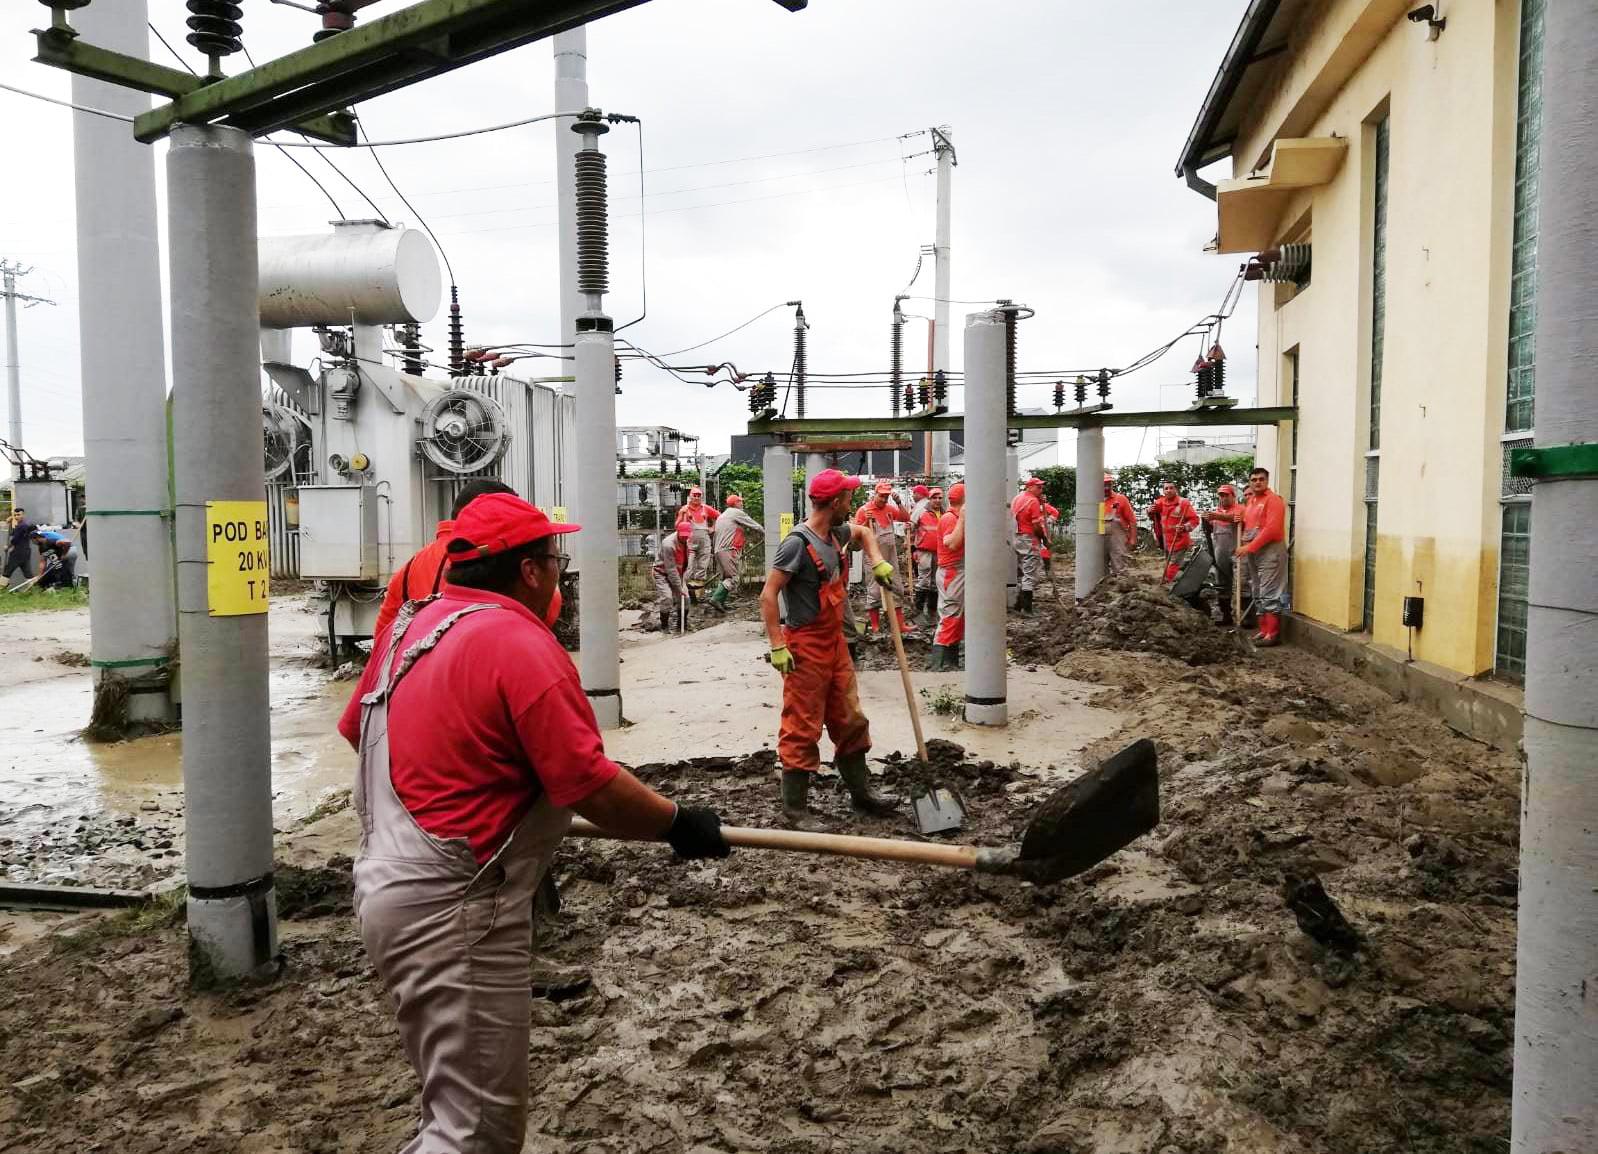 Precipitaţiile abundente şi viiturile au afectat sistemul energetic din Bacău, Botoşani şi Neamţ